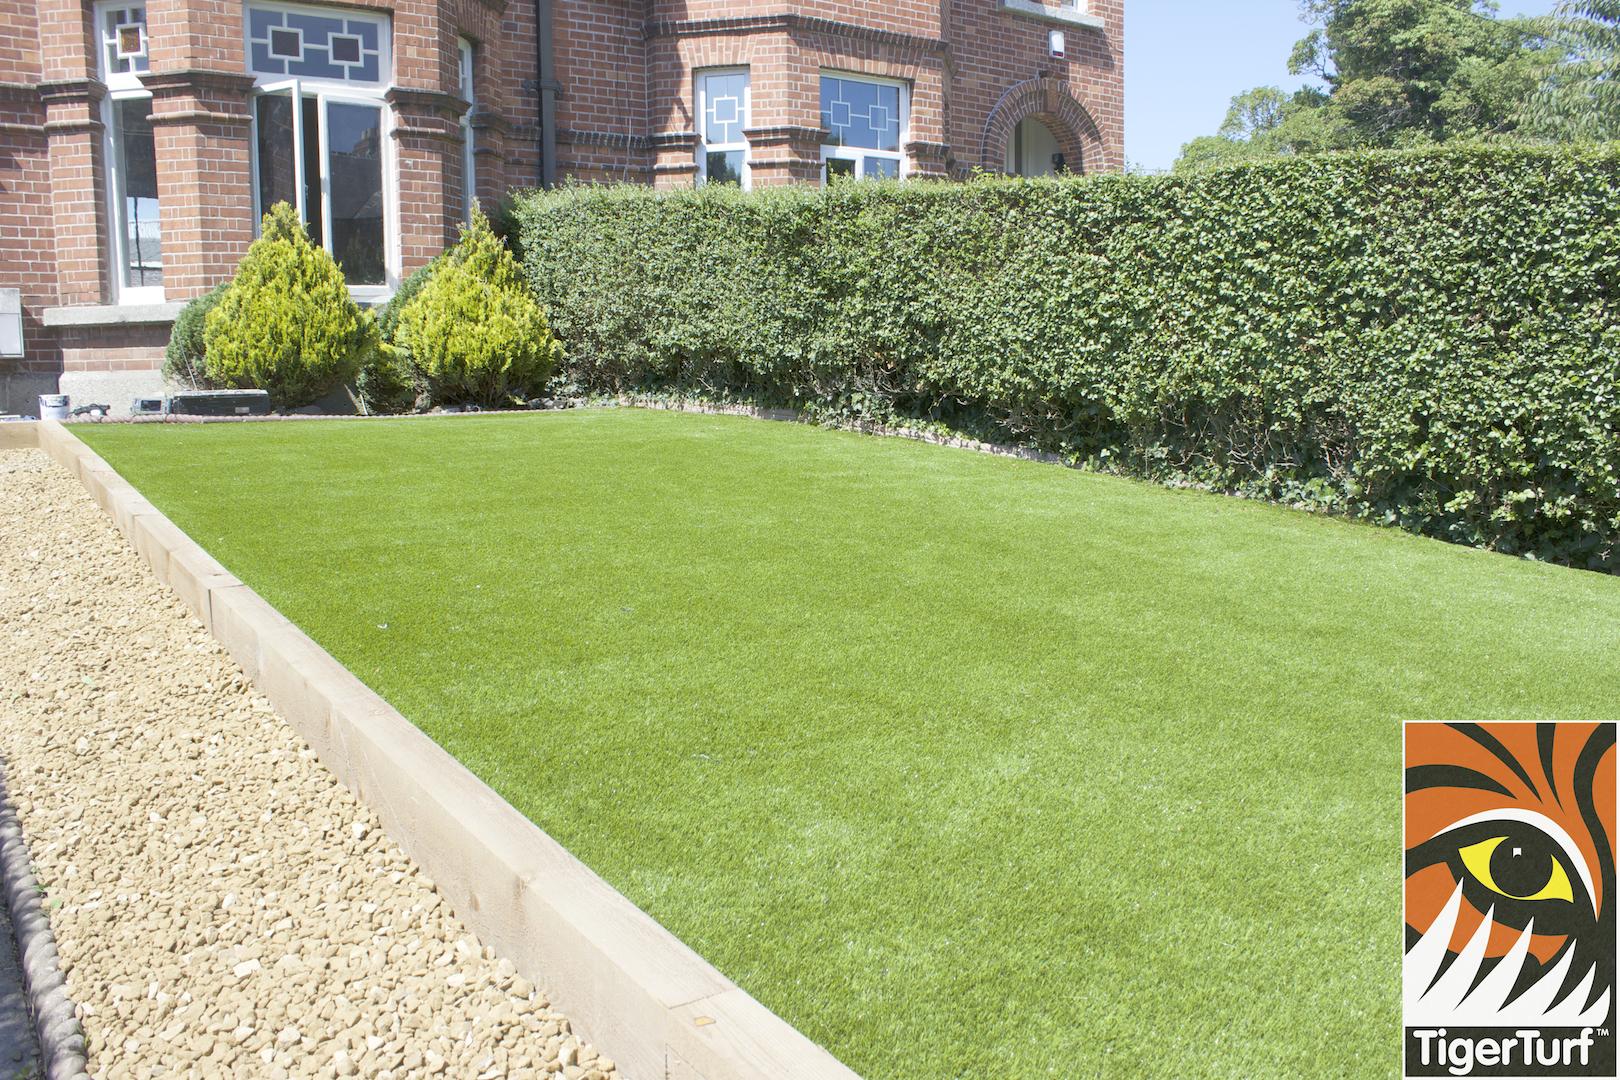 Award winning lawn from TigerTurf